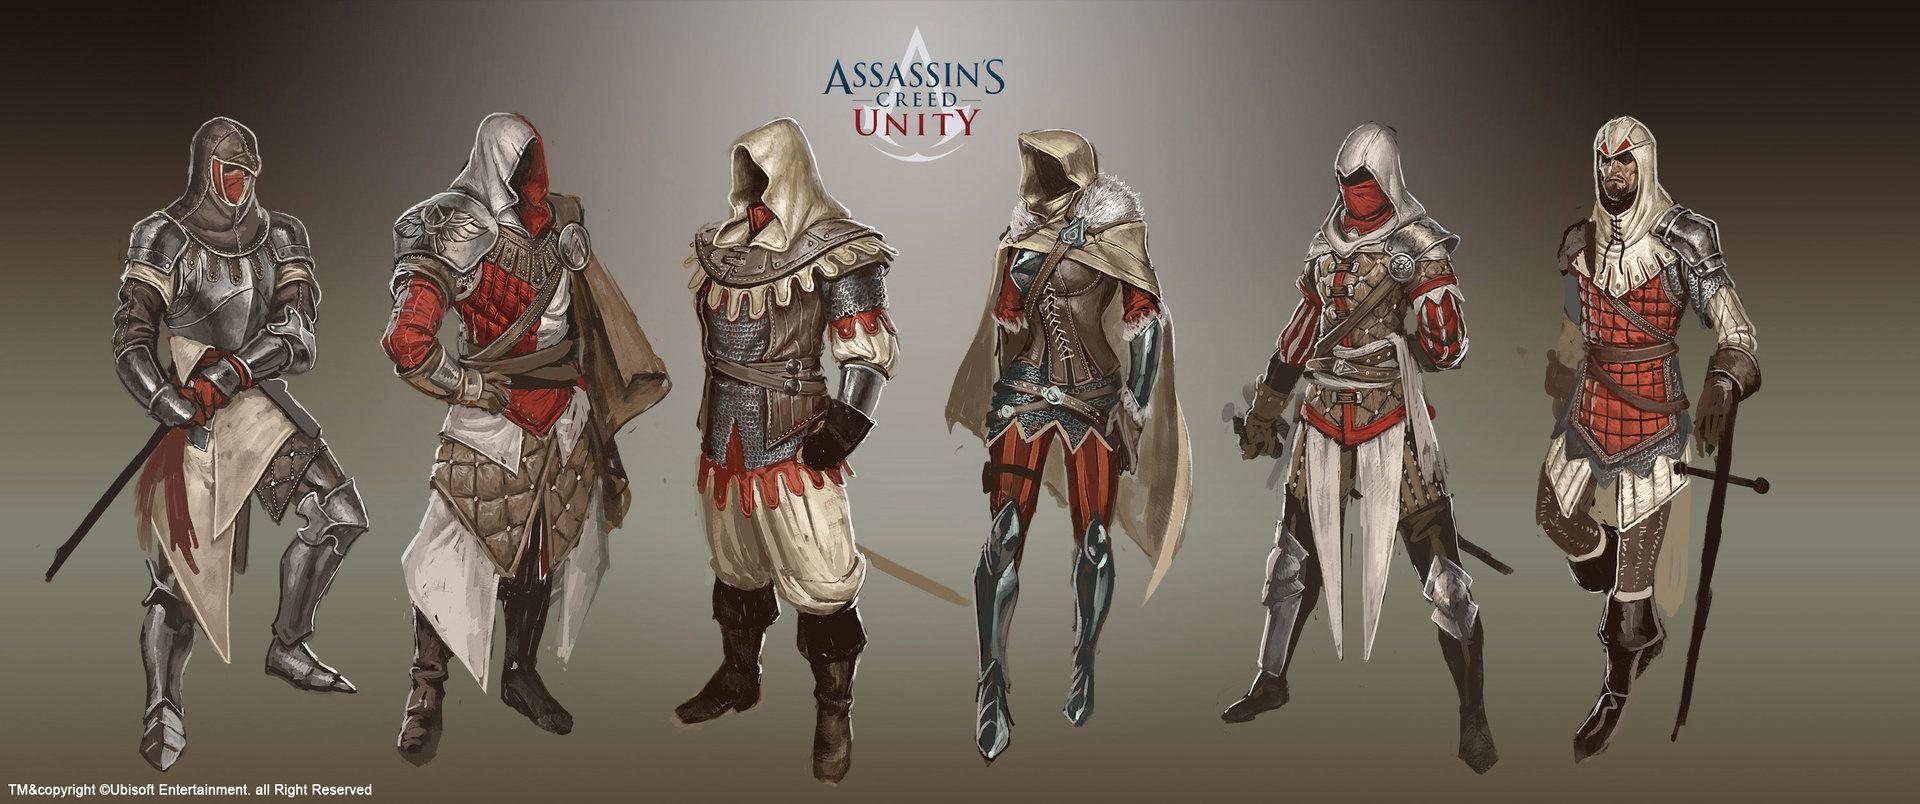 Assassin S Creed Unity Concept Arts Johan Grenier Assassins Creed Art Assassins Creed Artwork Assassins Creed Unity